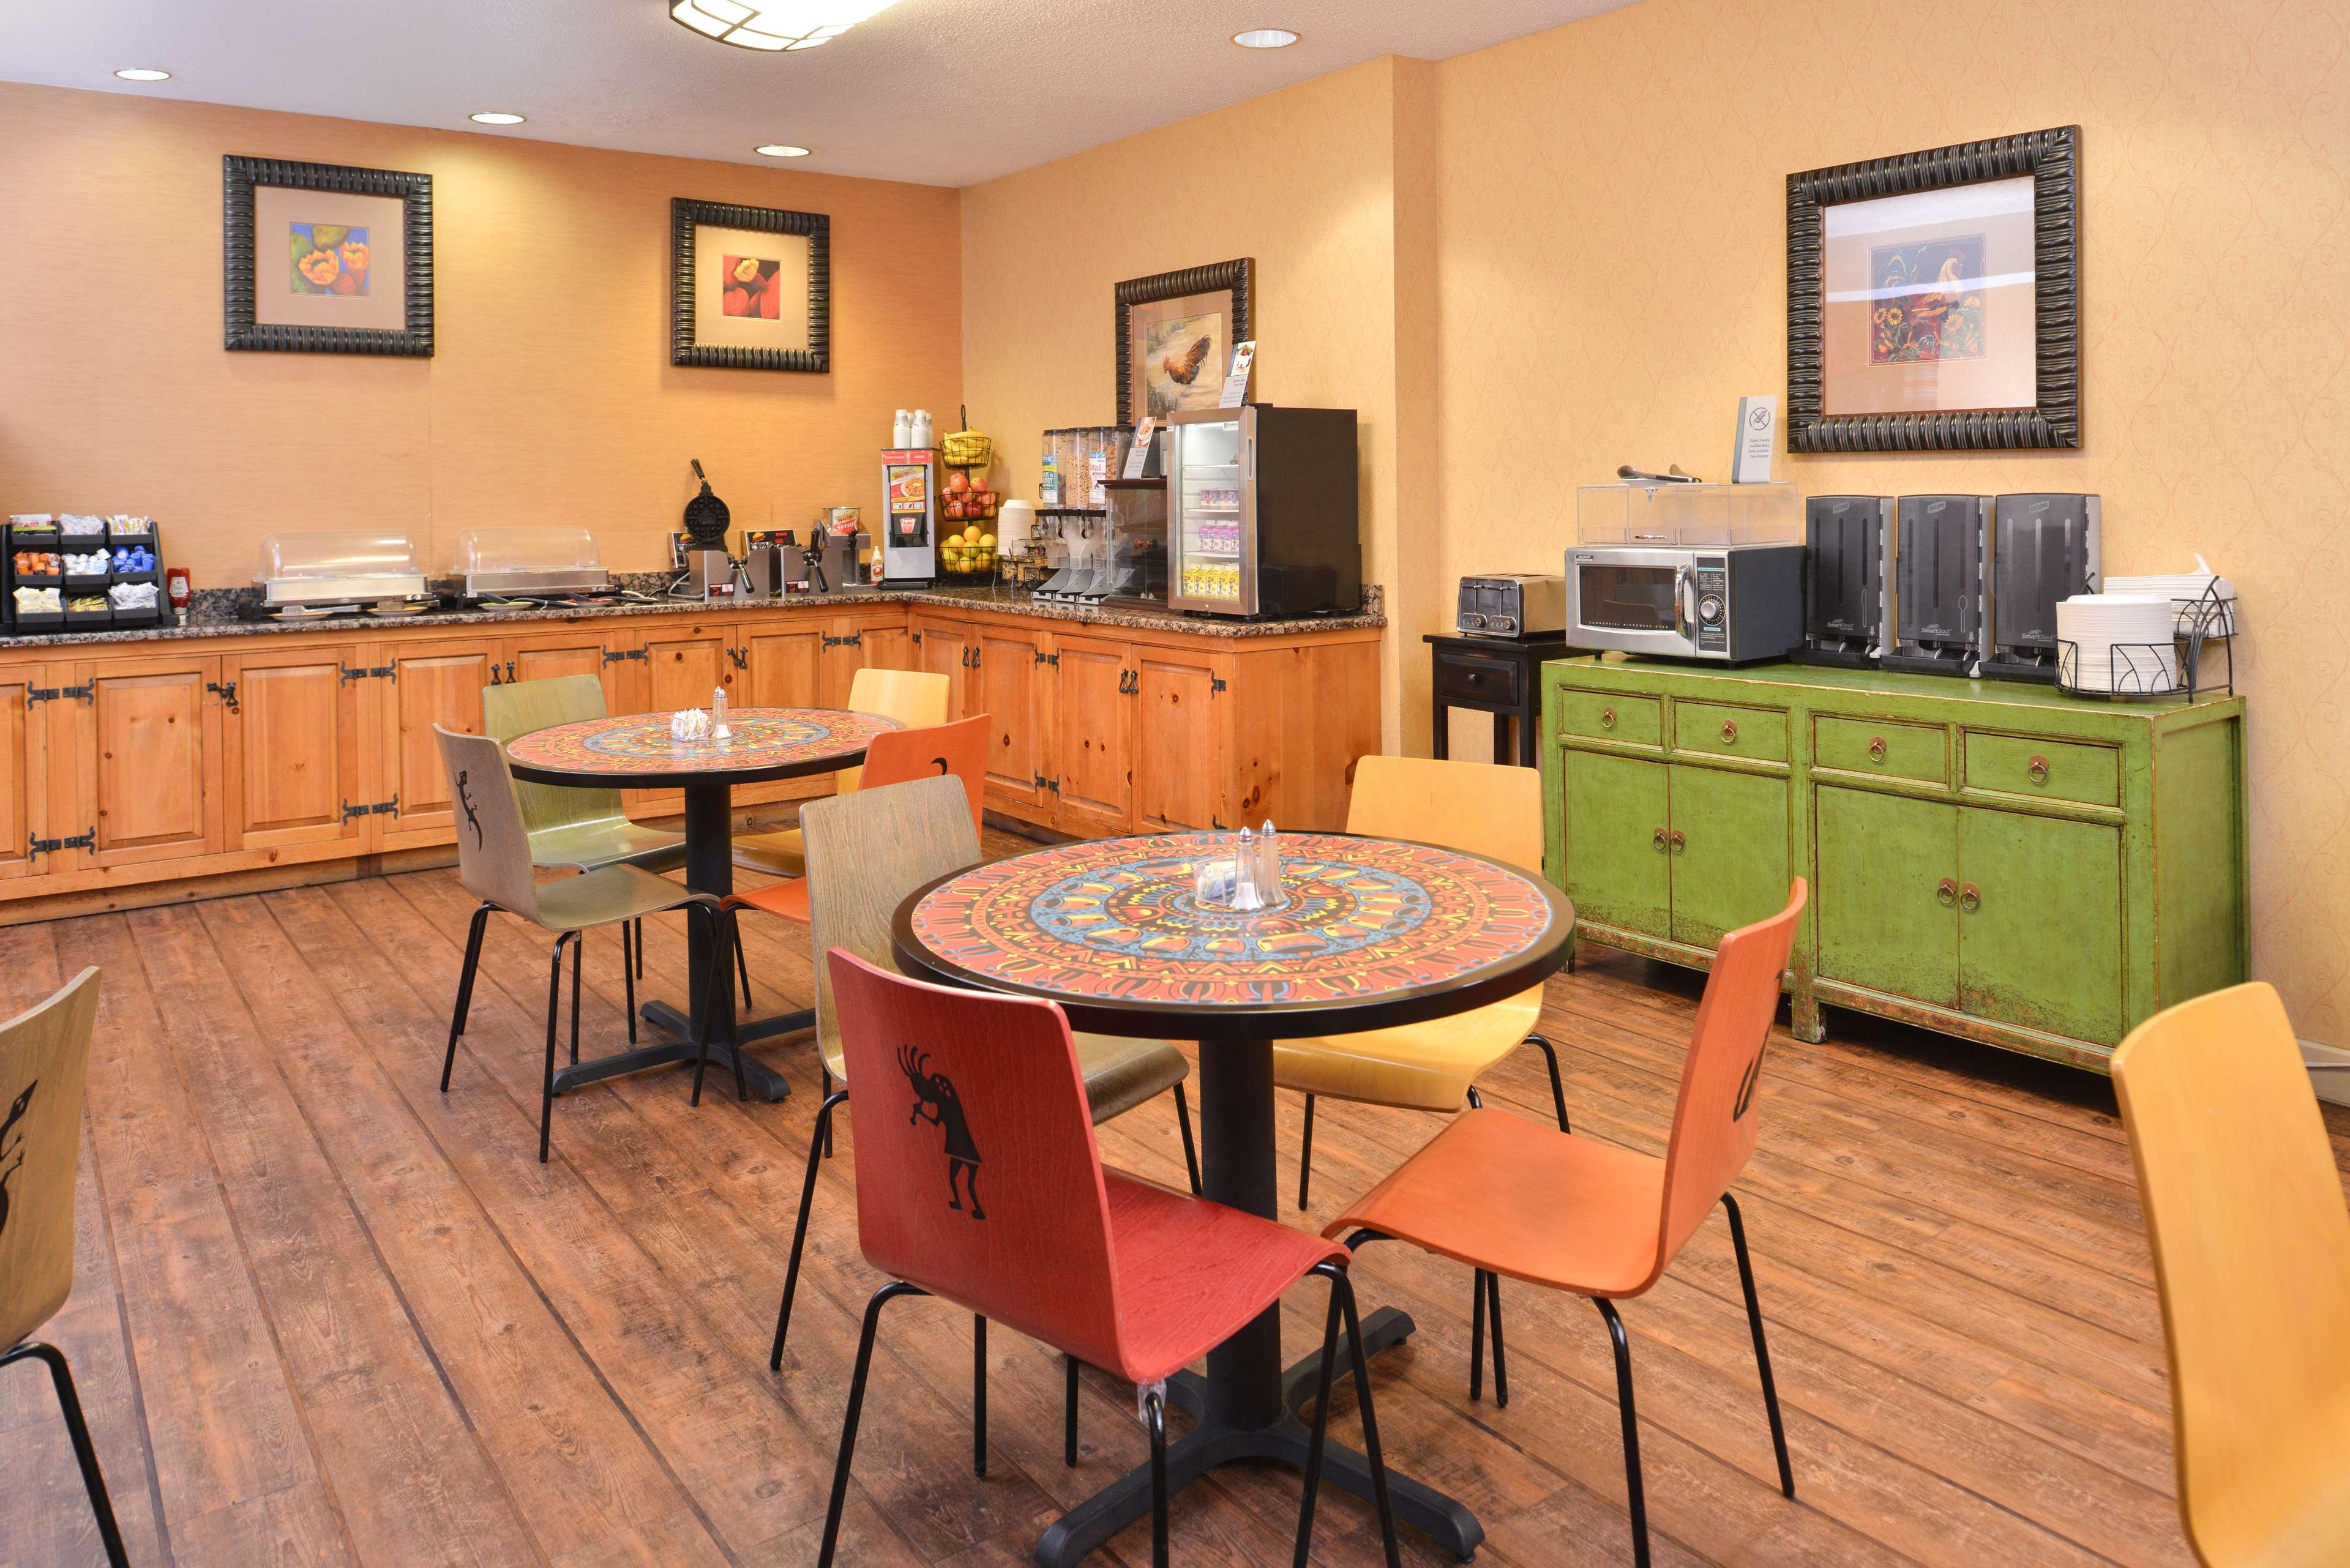 Best Western Plus Inn of Santa Fe image 30